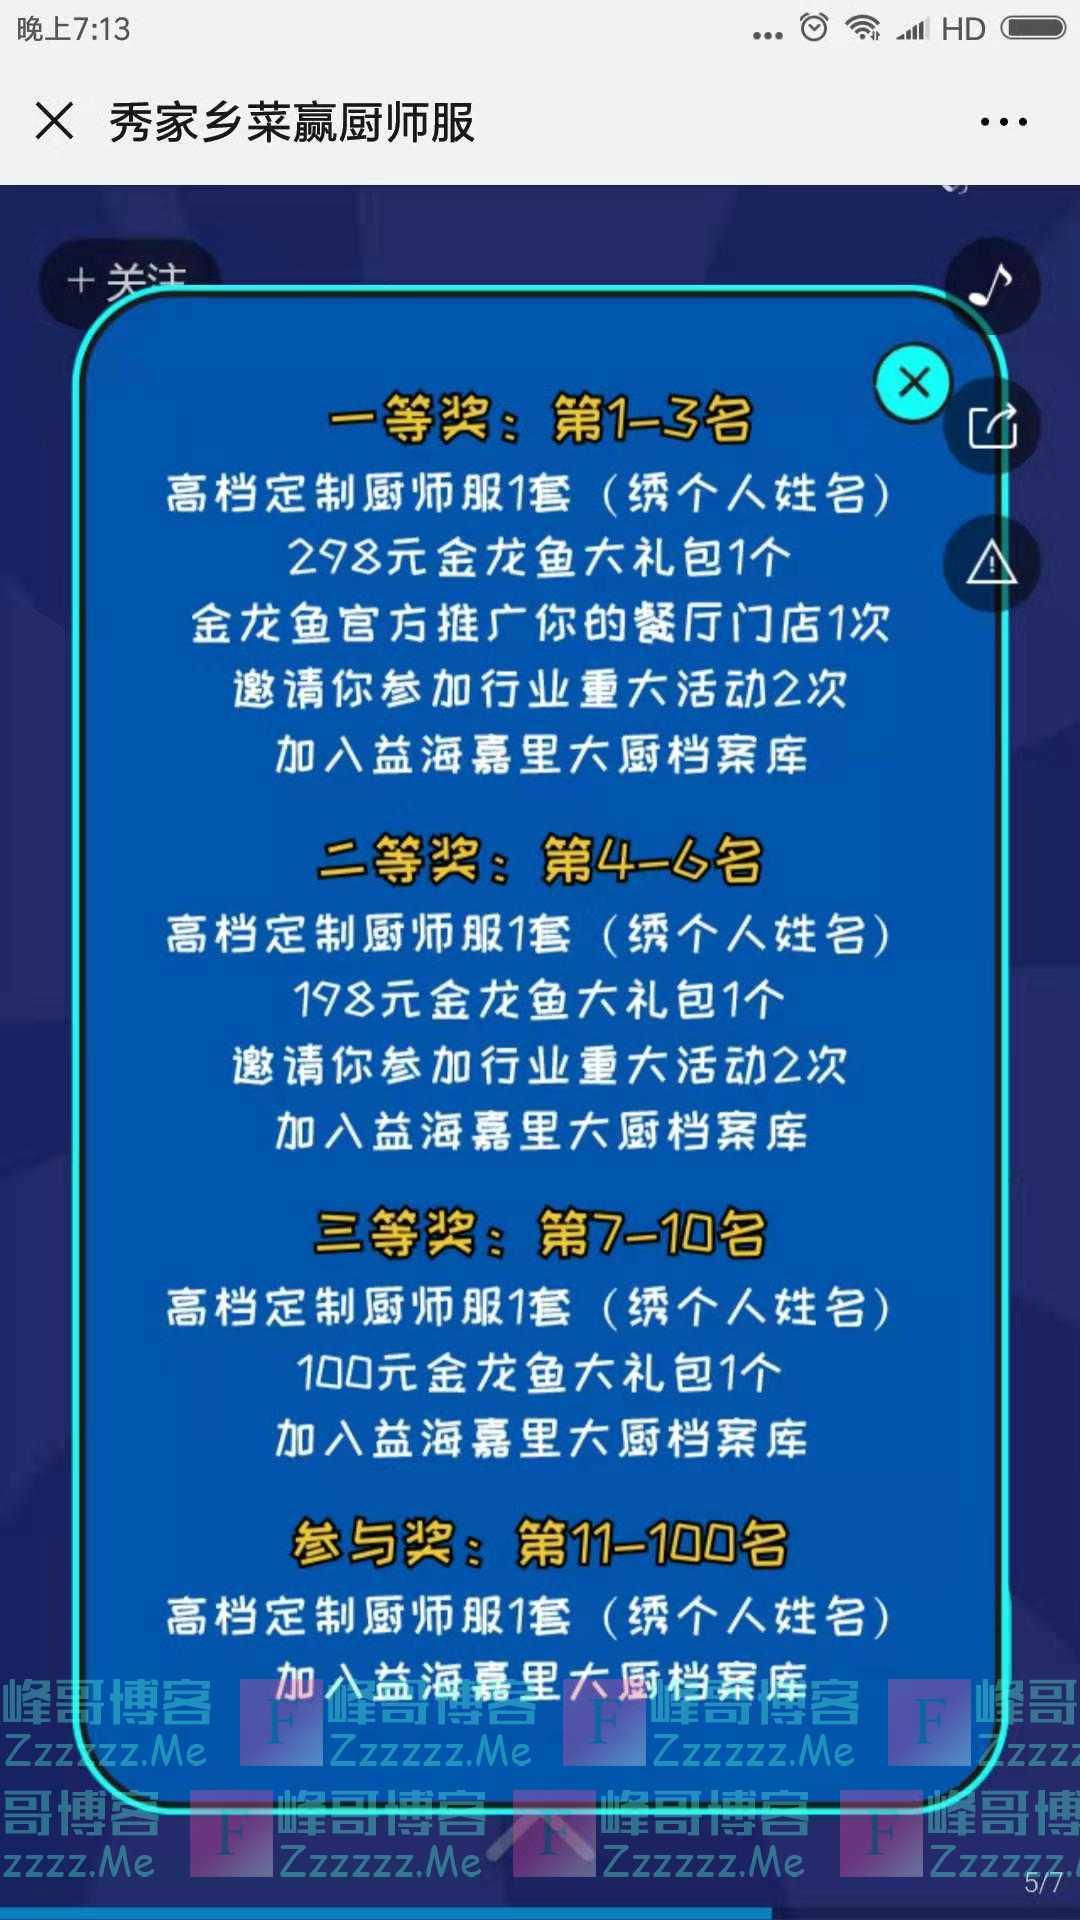 益海嘉里秀家乡菜能领千元大礼包(截止11月10日)